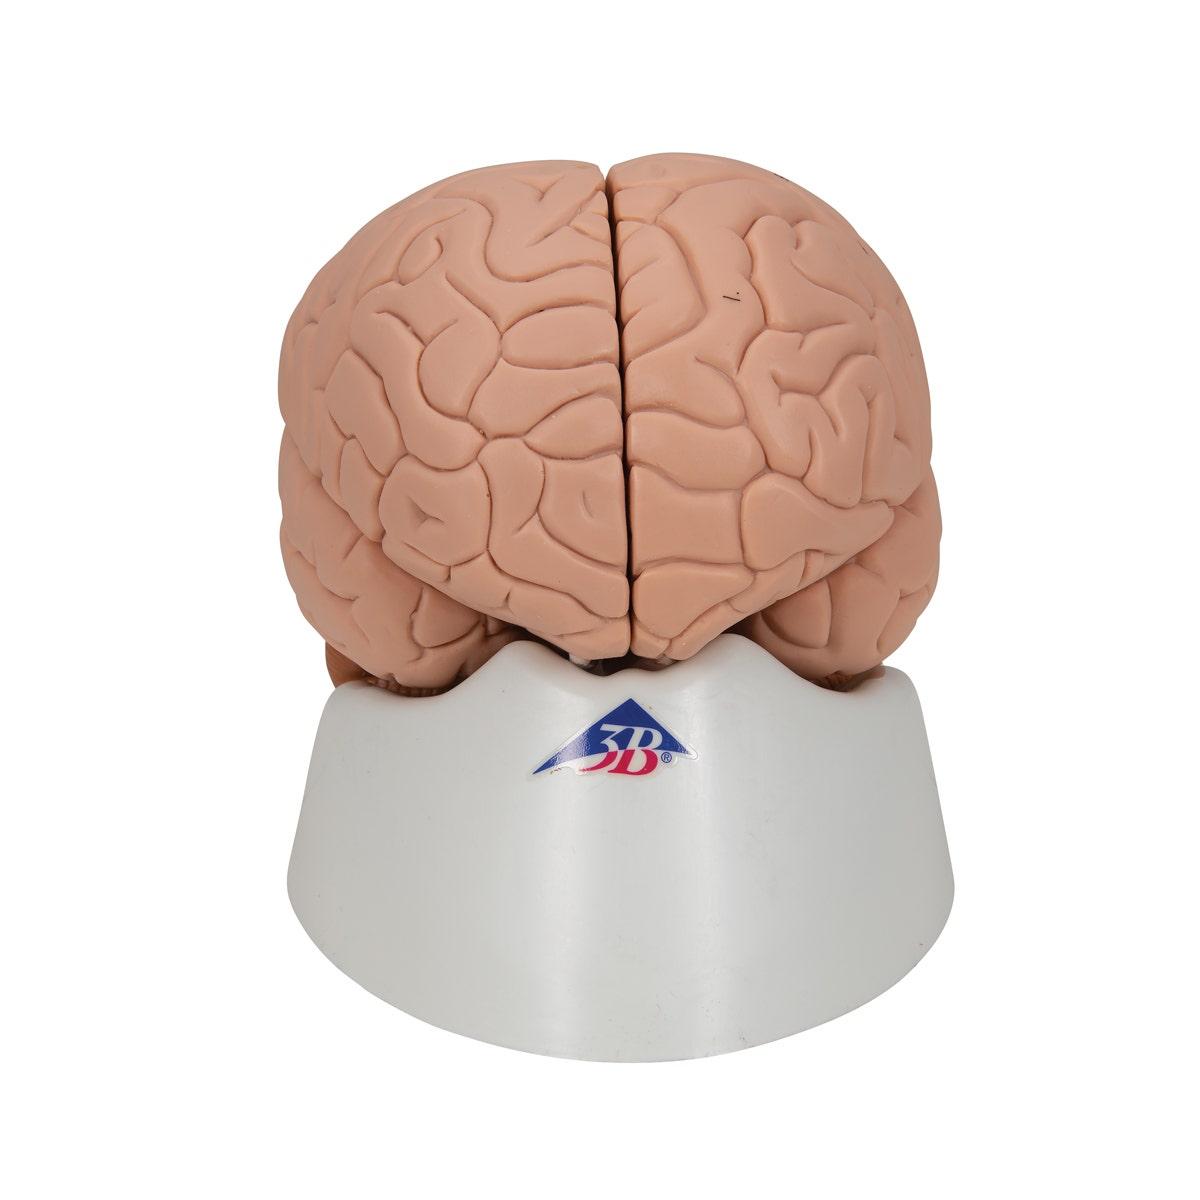 Hersenen model, basis